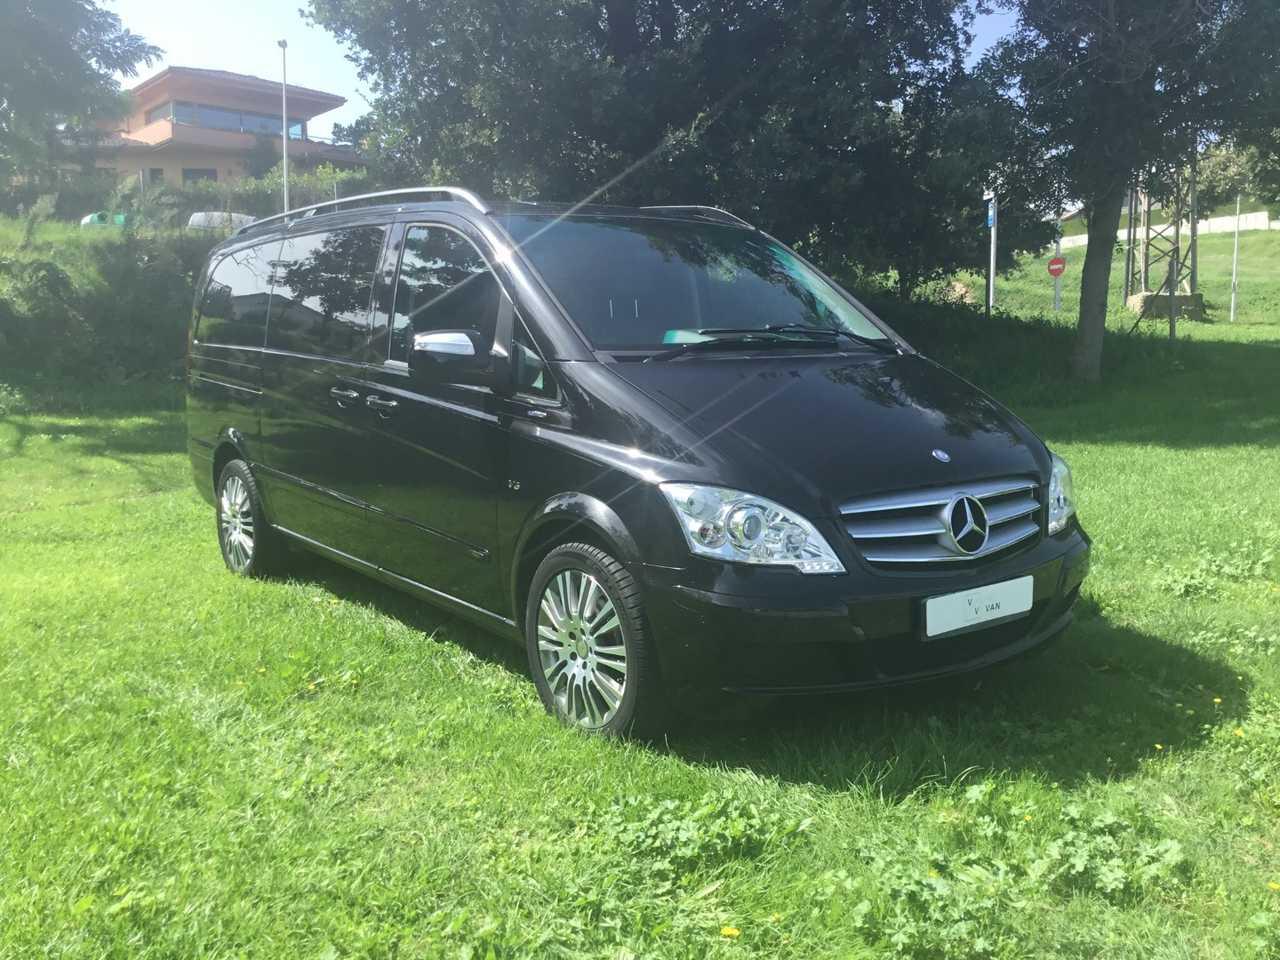 Mercedes Viano 3.0CDI 224cv TREND 7 plazas   - Foto 1